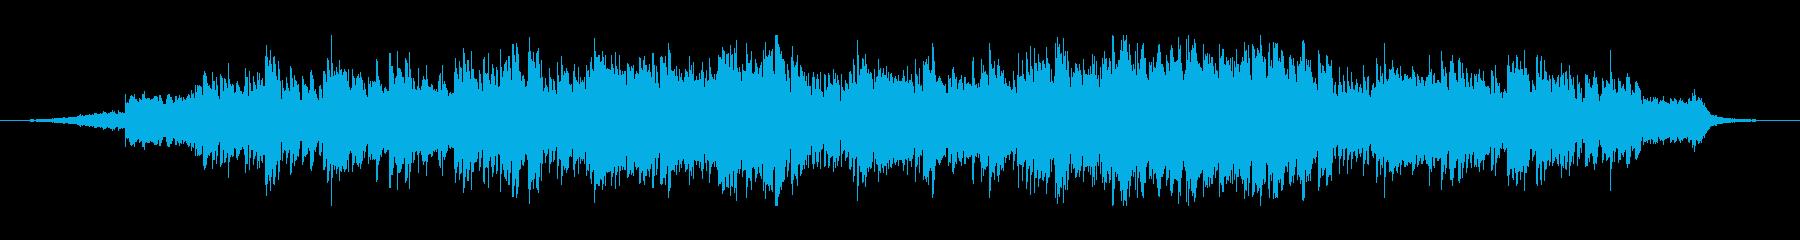 始まりを予感させるピアノと電子音の楽曲の再生済みの波形